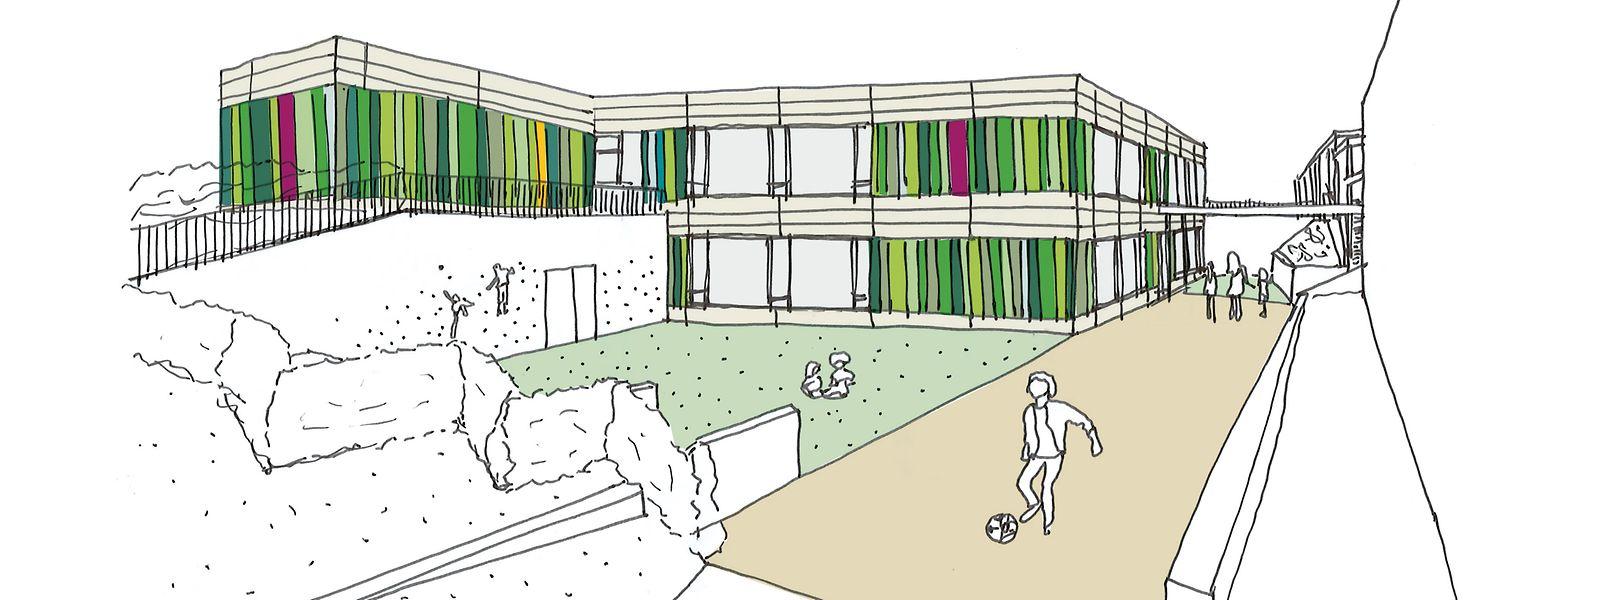 Die markante, farbige Fassade des bestehenden Schulgebäudes soll auch den geplanten Neubau prägen.